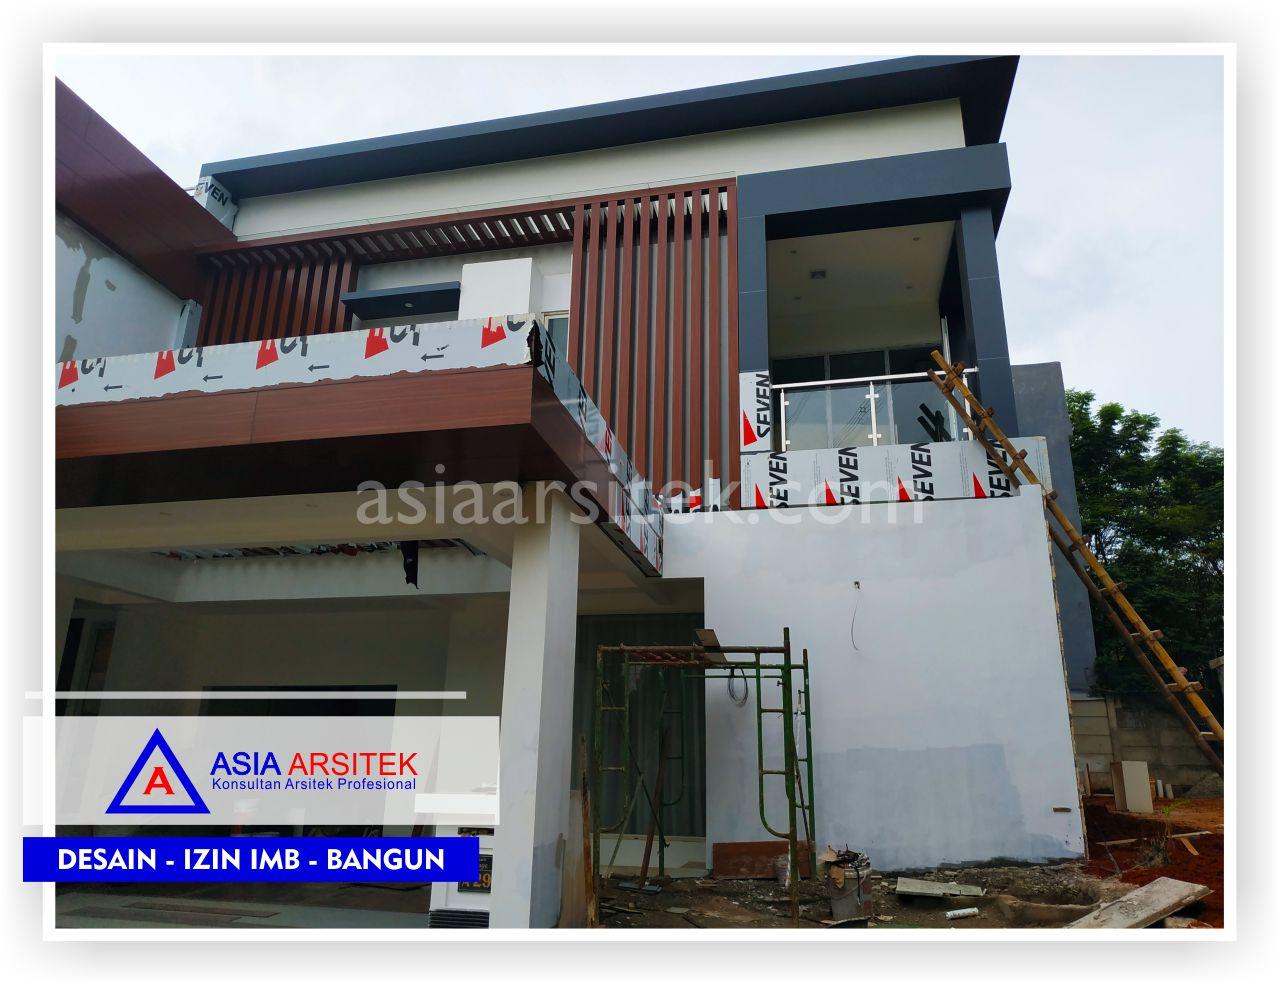 Pengerjaan Tampak Depan Rumah Minimalis Bpk Ananda Di Tangerang-Jakarta-Bogor-Bekasi-Bandung-Jasa Konsultan Arsitek Profesional - Desain Rumah Mewah - Arsitek Gambar Desain Rumah Klasik Mewah